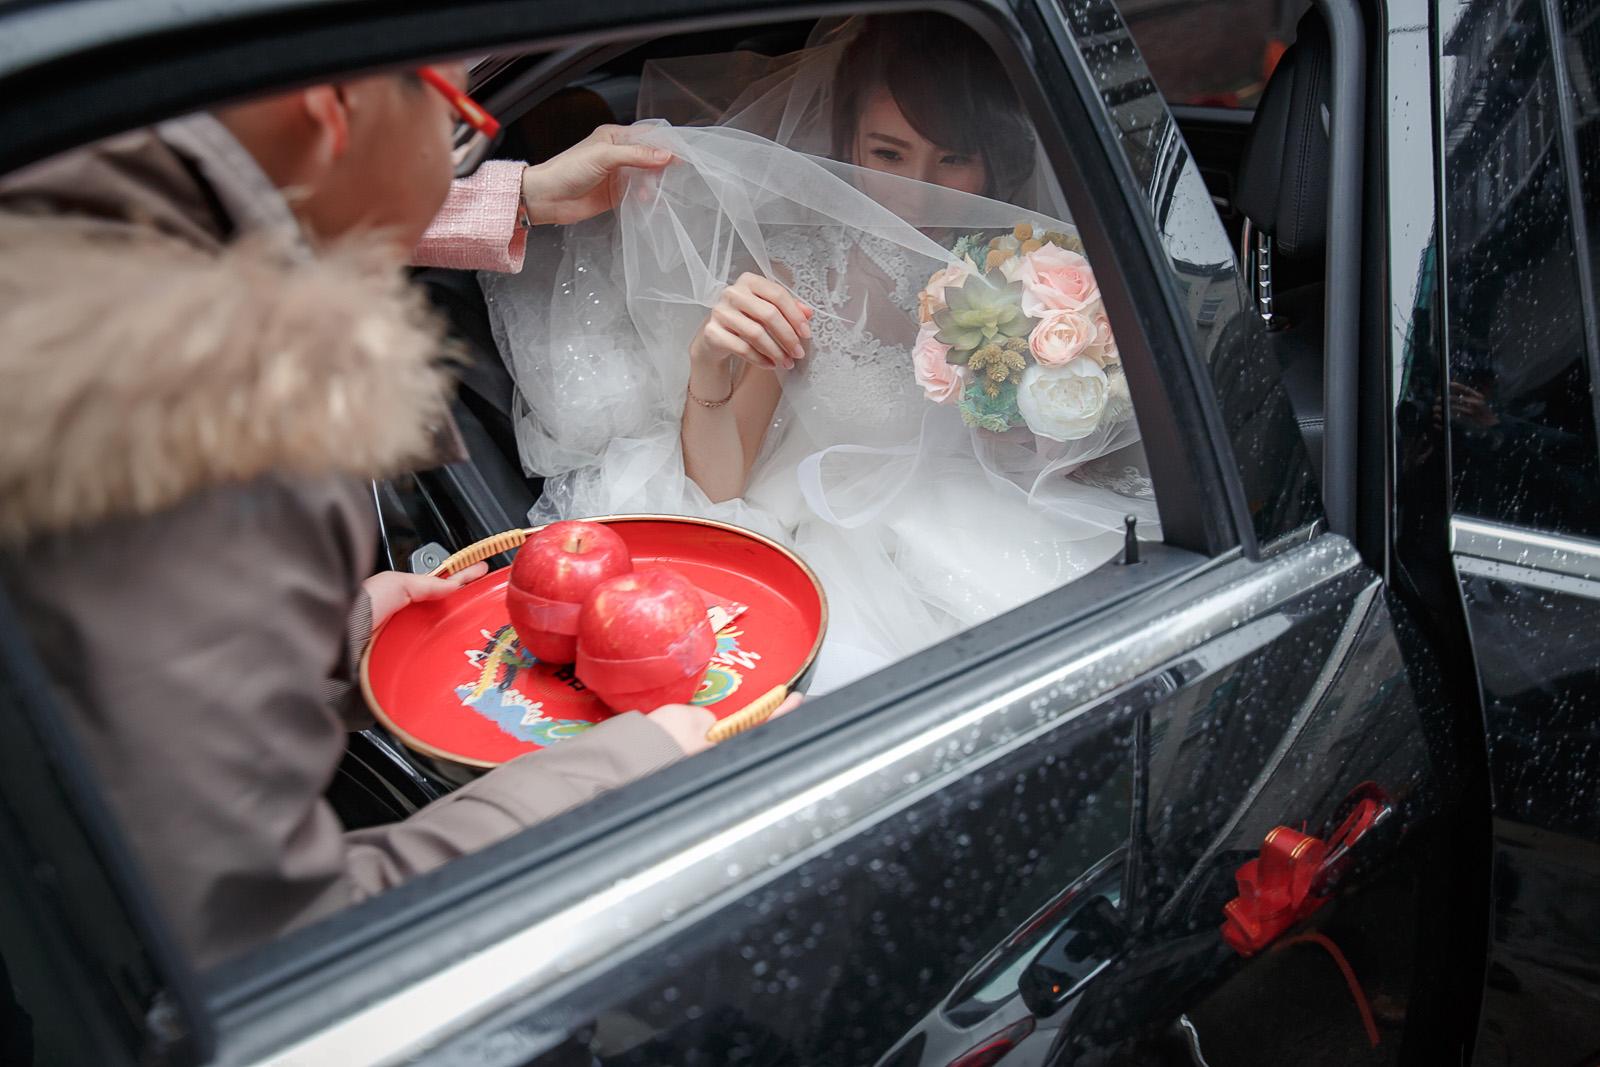 高雄圓山飯店,婚禮攝影,婚攝,高雄婚攝,優質婚攝推薦,Jen&Ethan-170